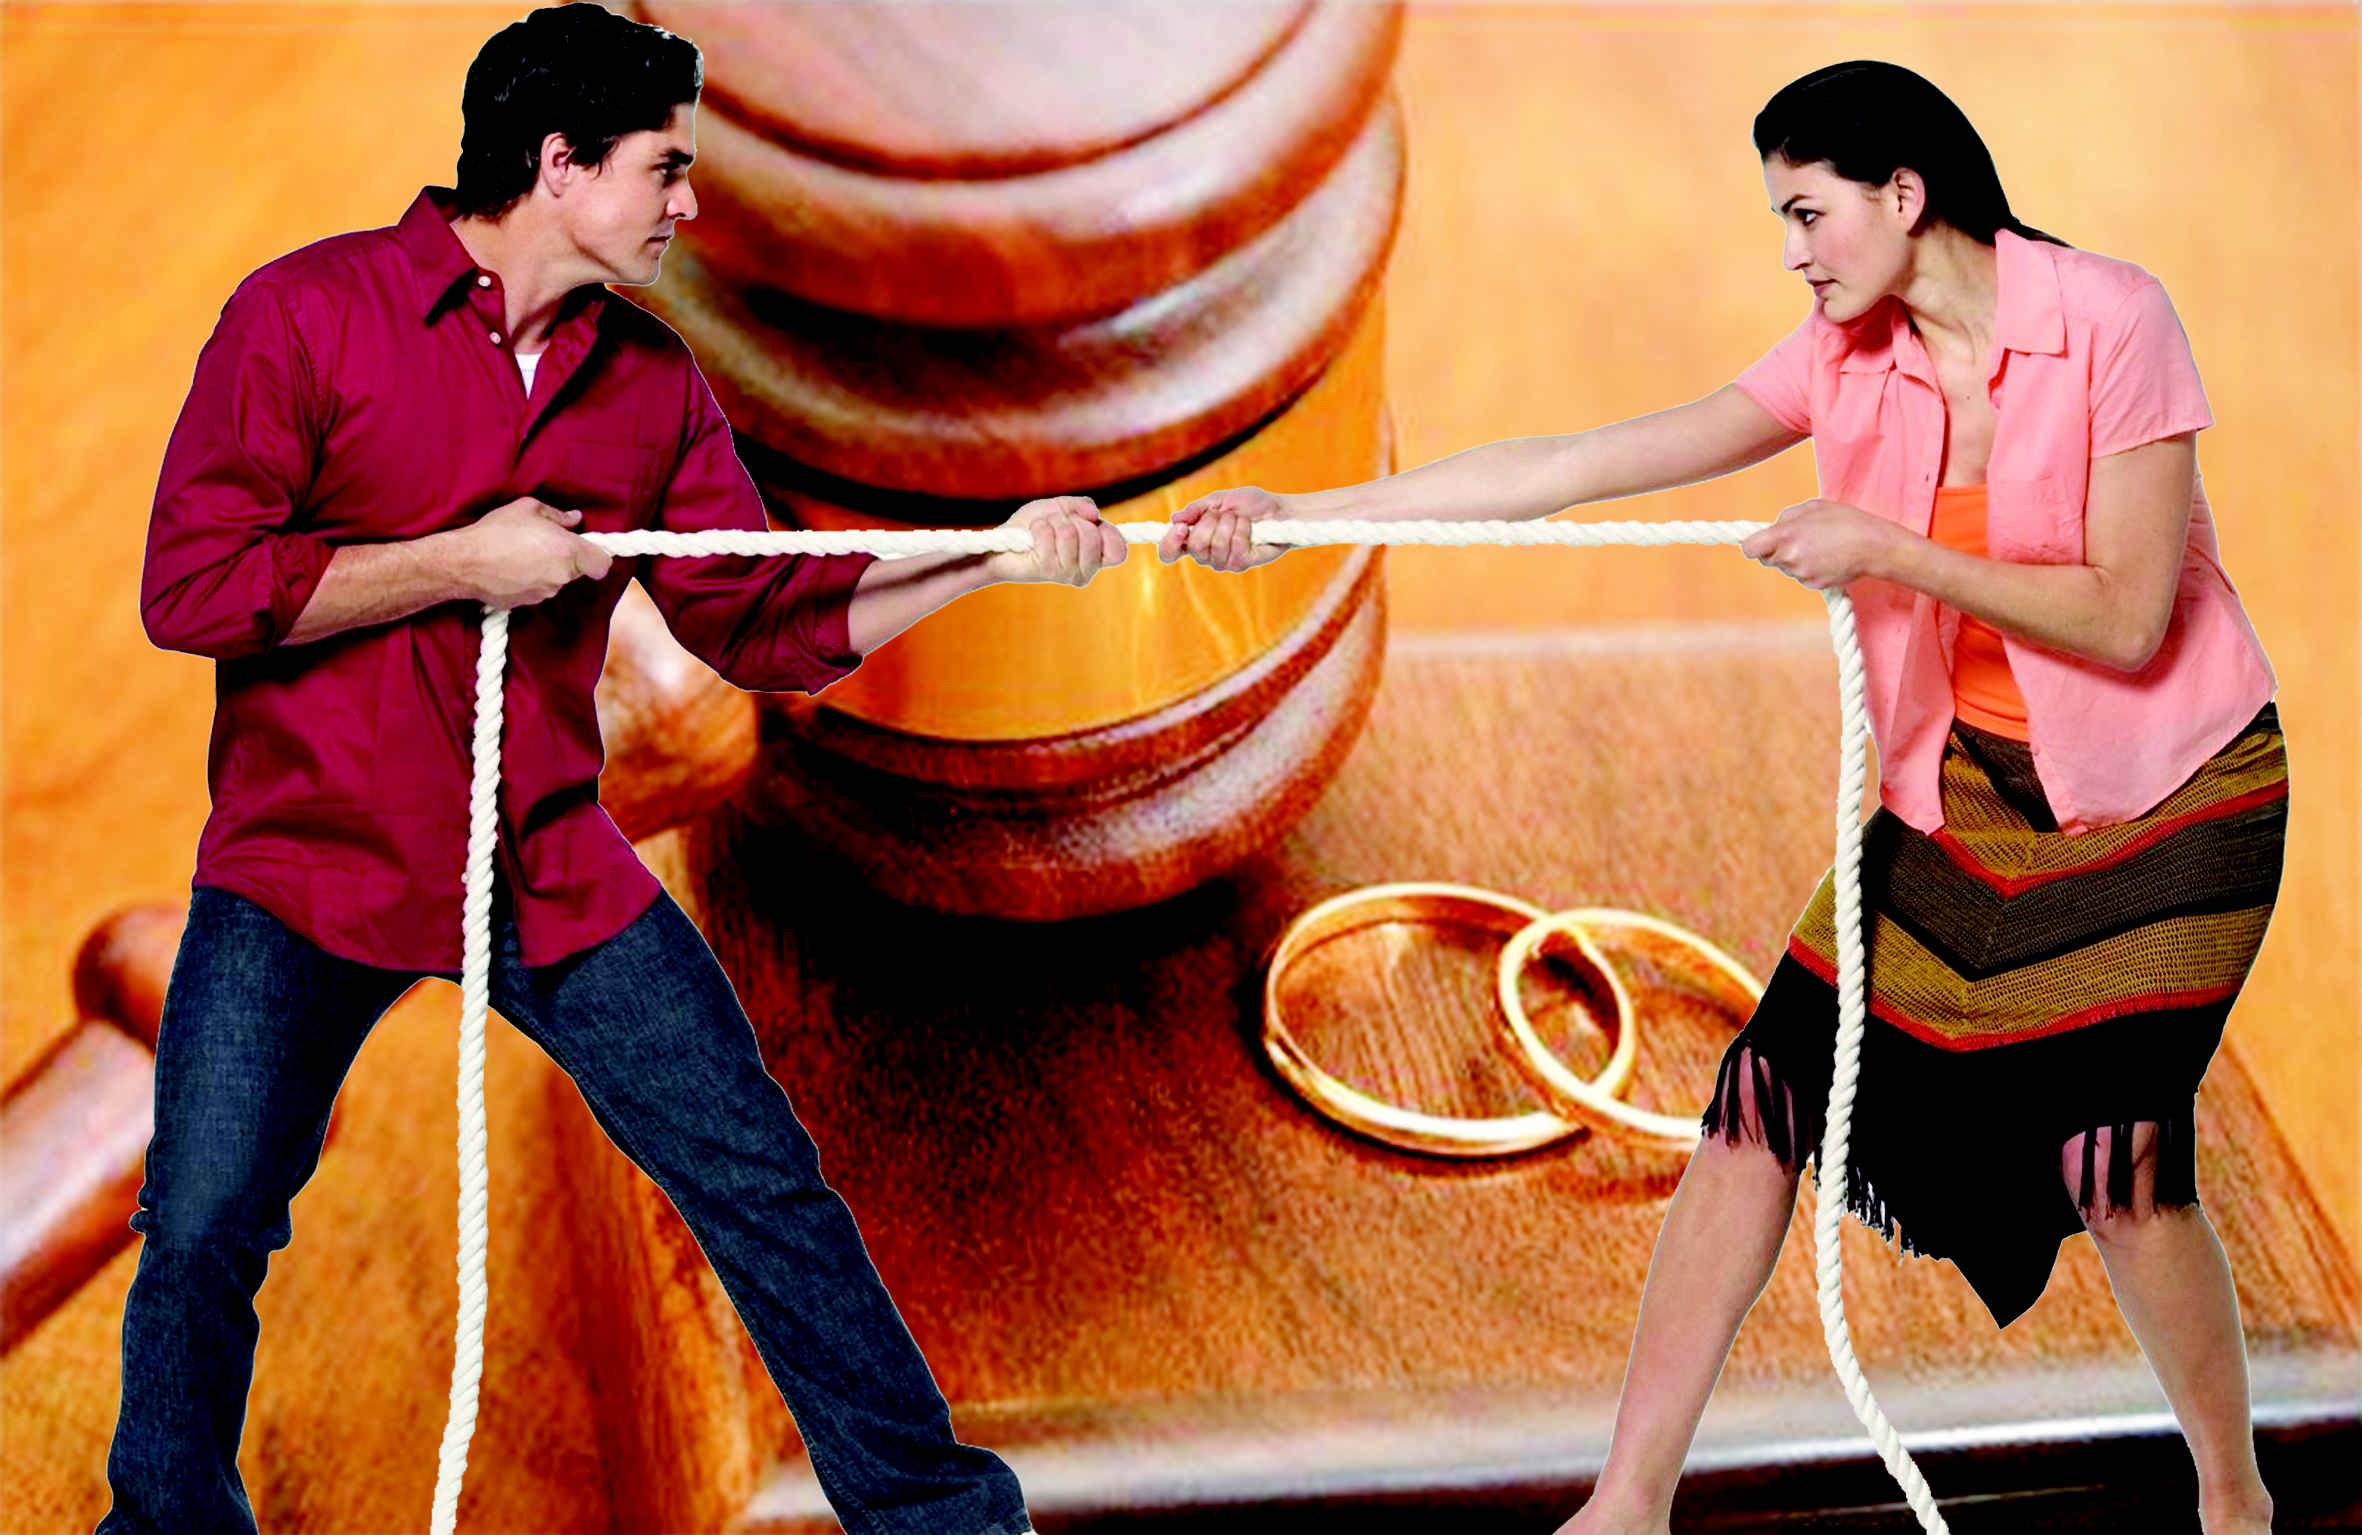 Можно ли оформить развод без присутствия супруга